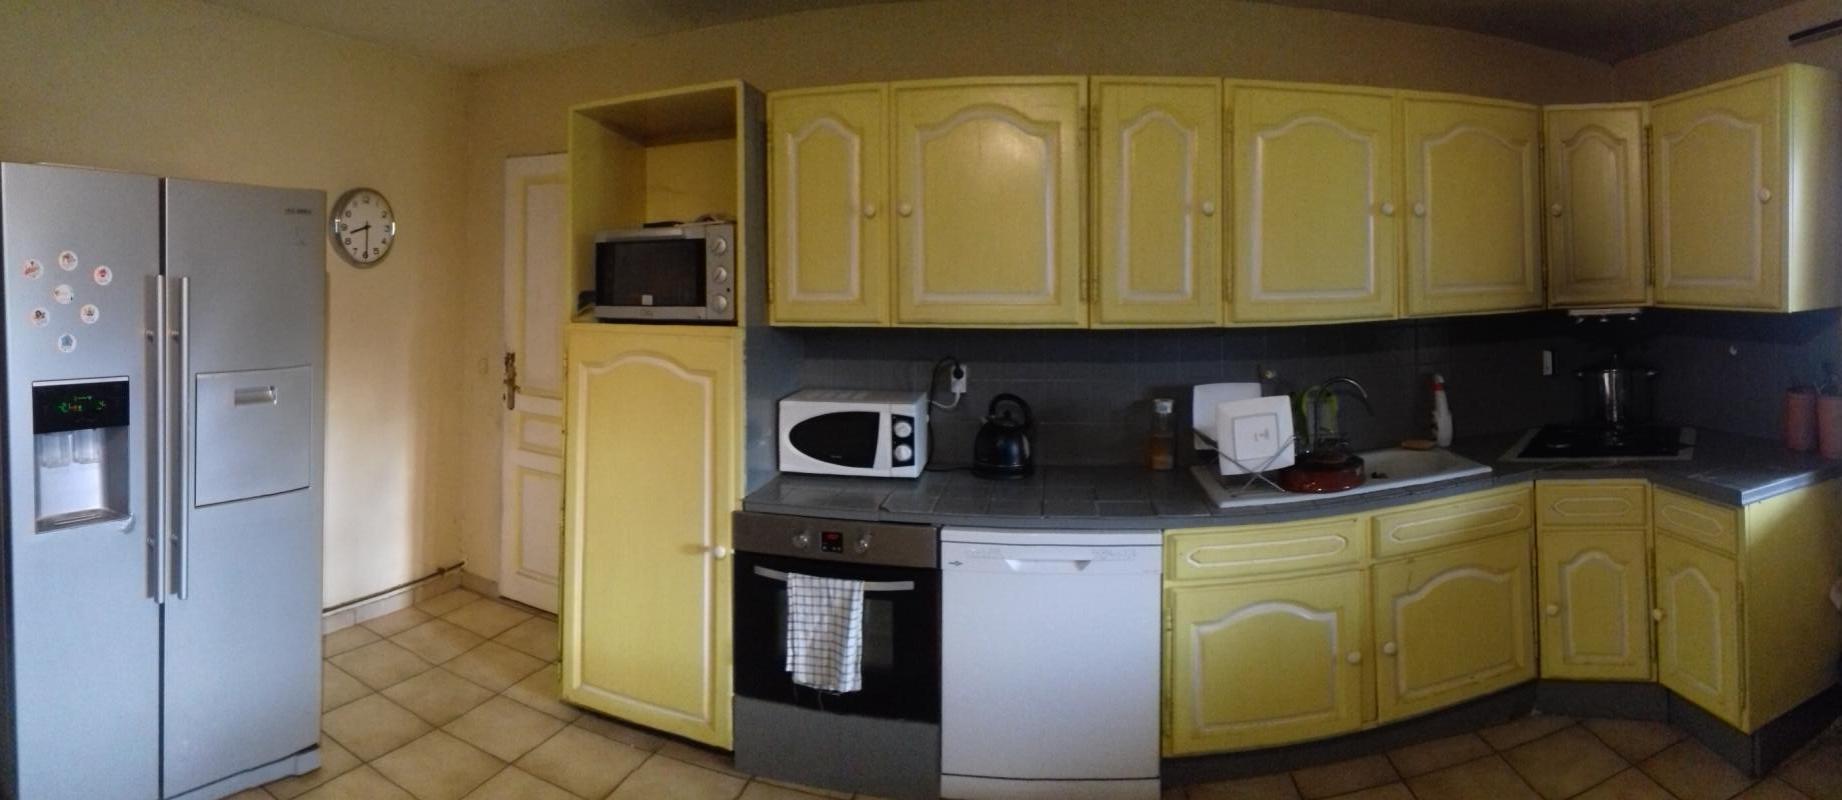 Cuisine appartement propriétaire (Rez de chaussée).